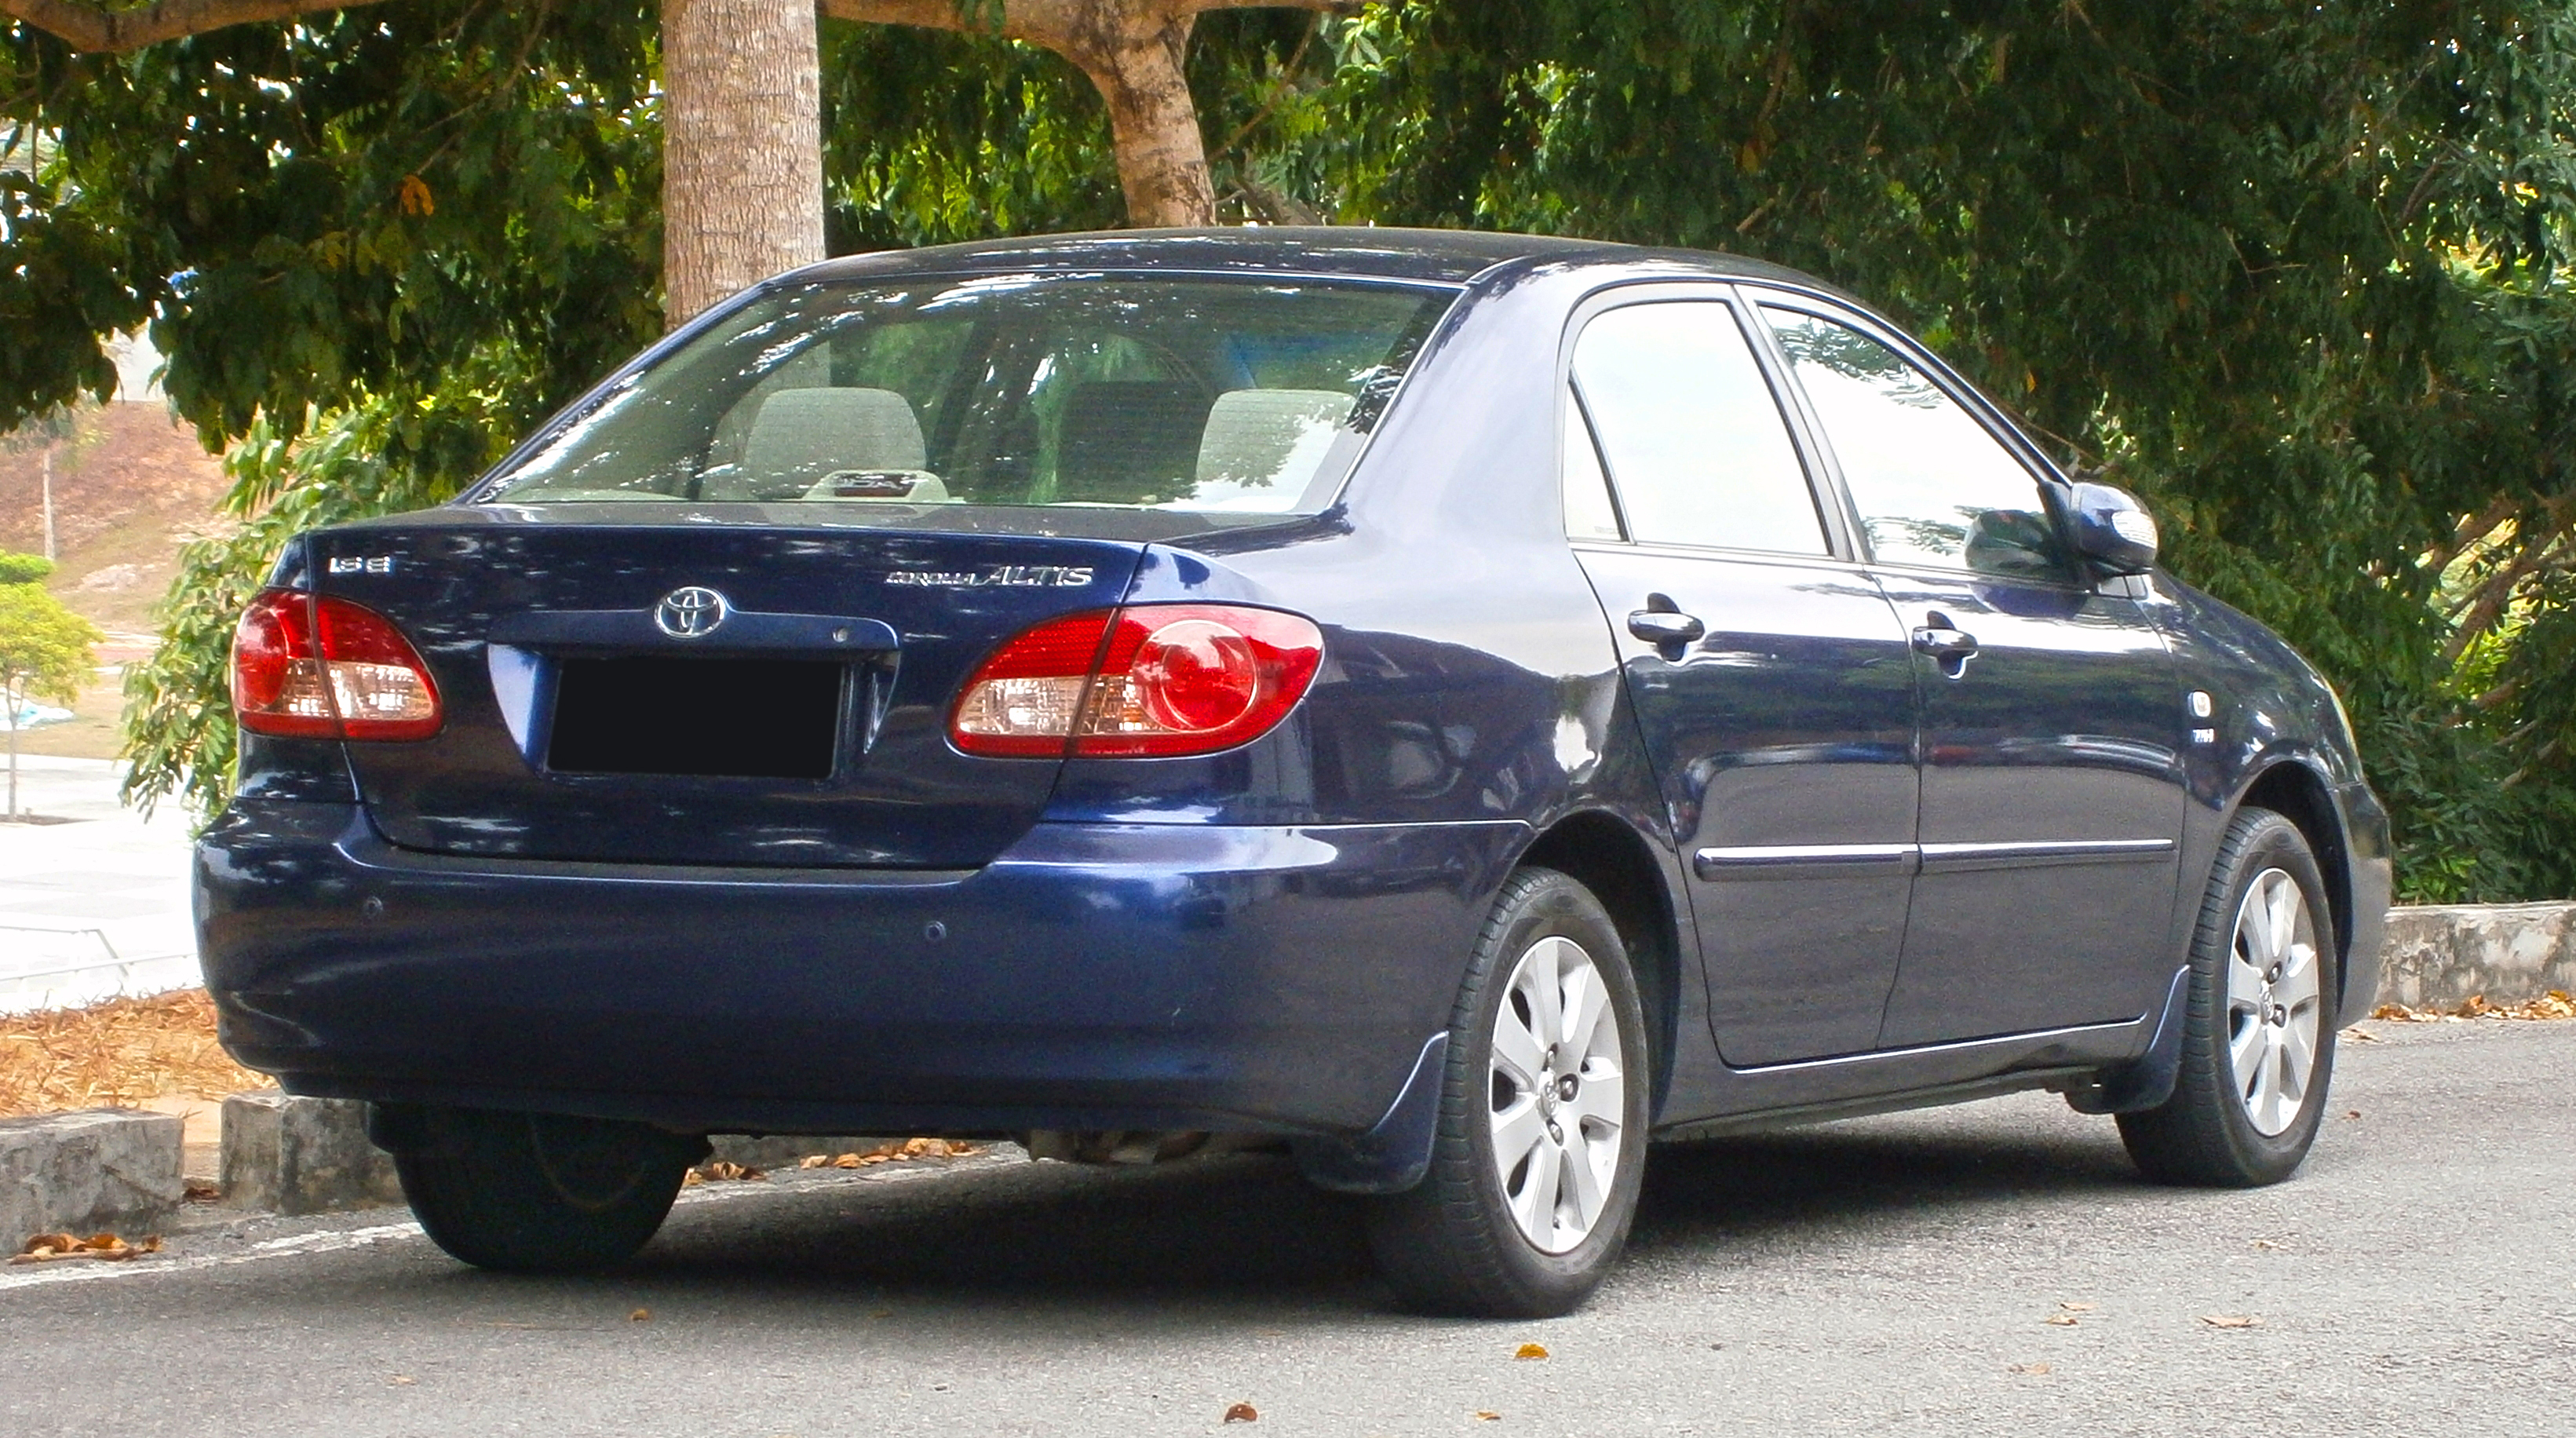 File:2005 Toyota Corolla Altis 1.6E in Cyberjaya, Malaysia ...